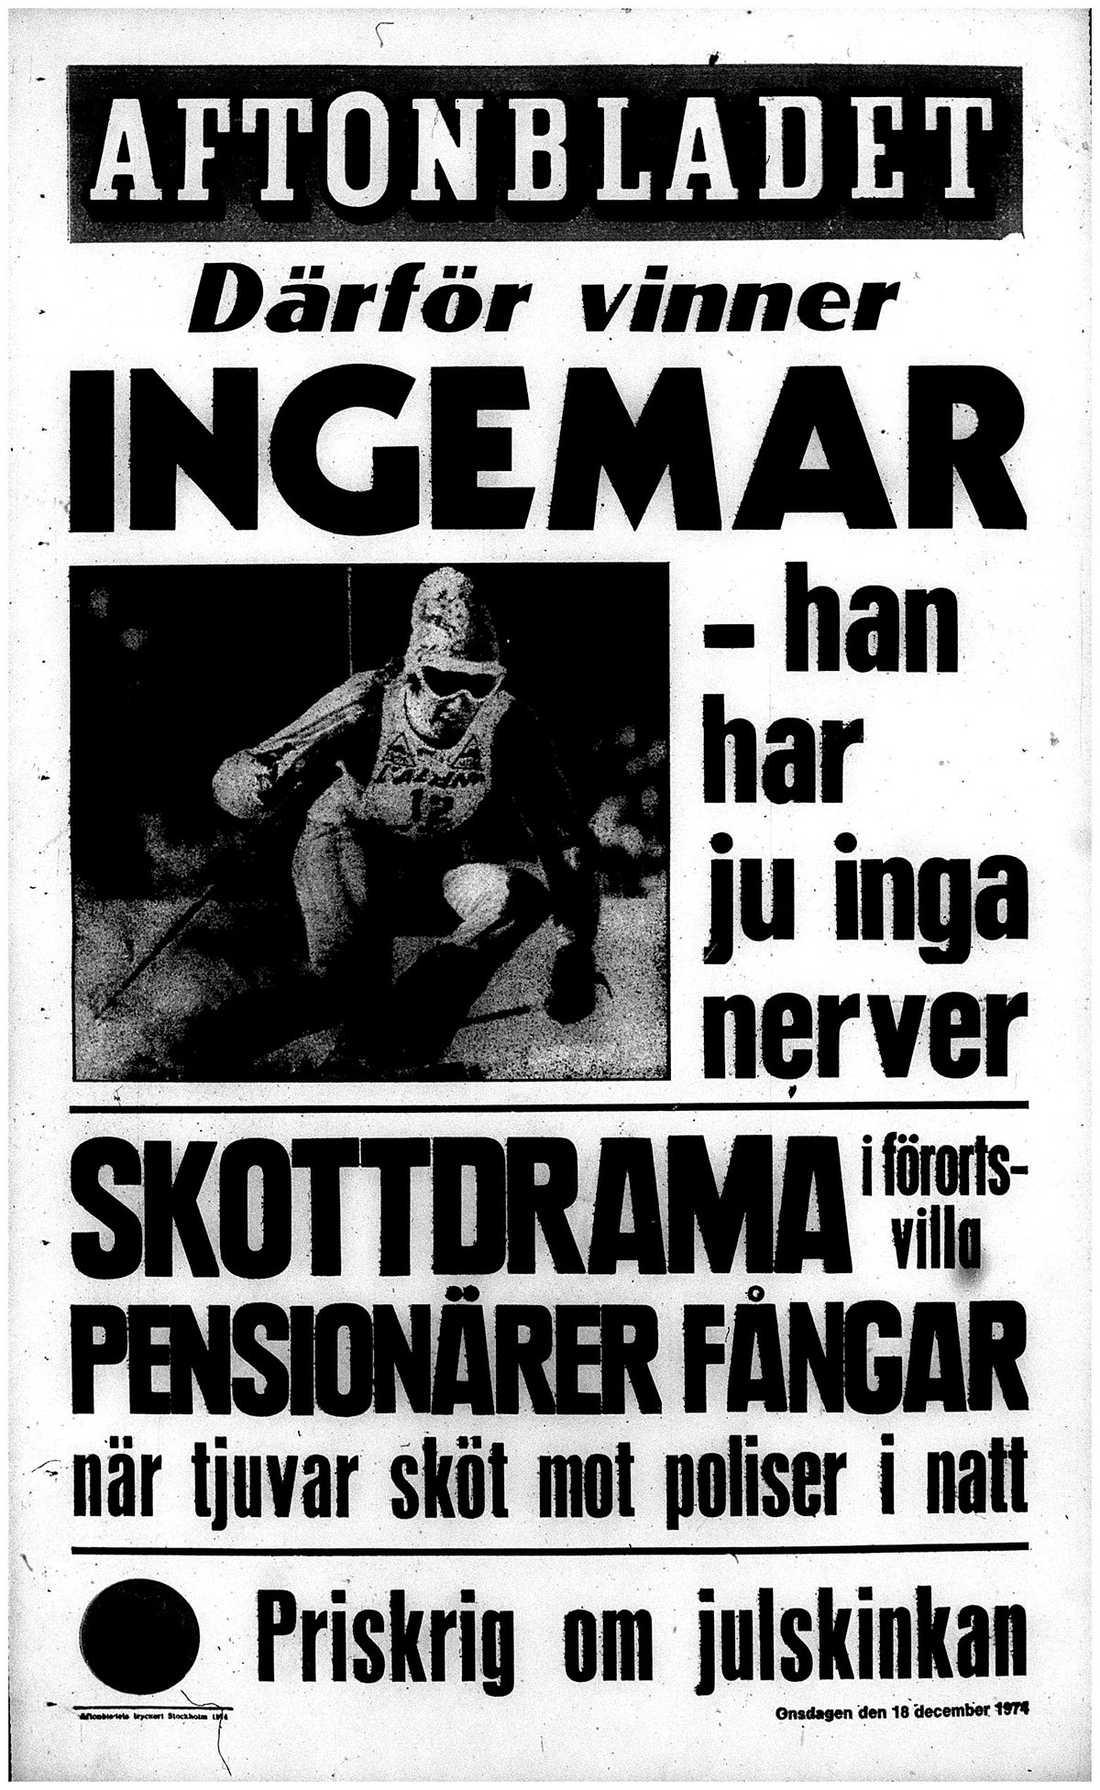 Aftonbladets förstasida dagen efter Stenmarks seger